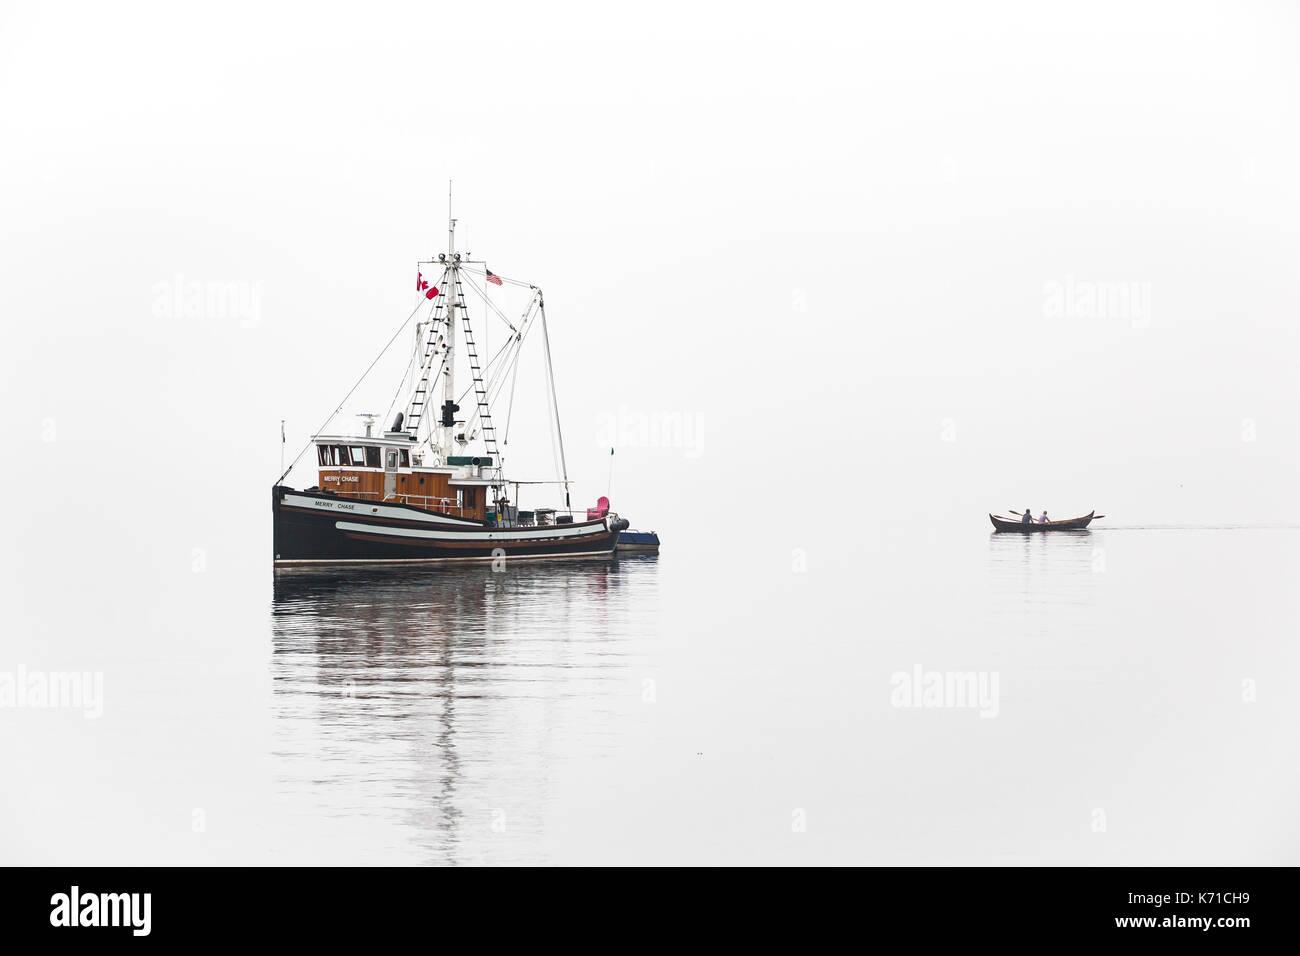 Angeln Boot in der Nähe von Port Townsend während Wooden Boat Show im Nebel mit Ruderboot. Stockbild